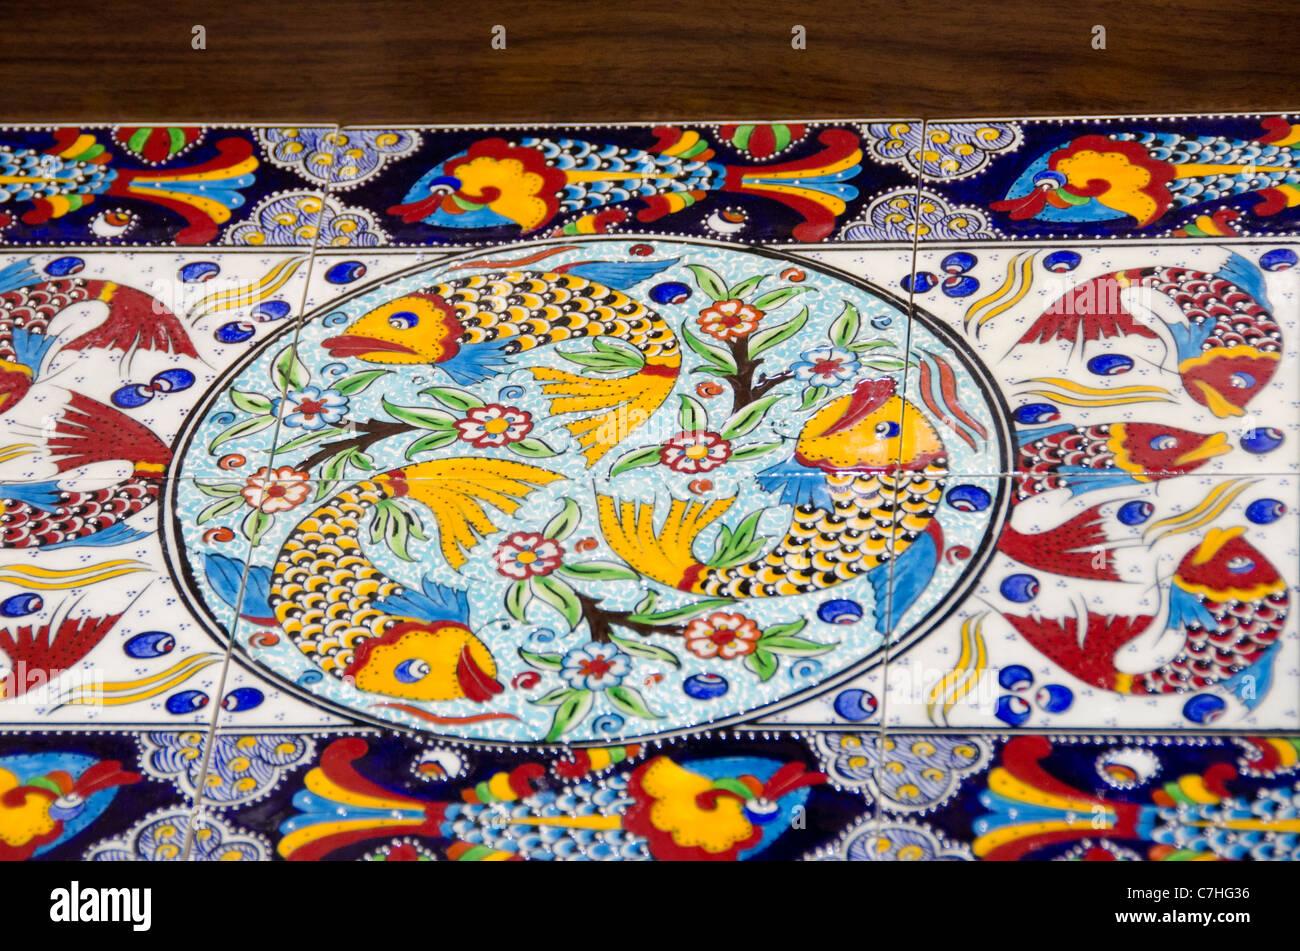 Turchia istanbul colorati dipinti a mano piastrelle turche con